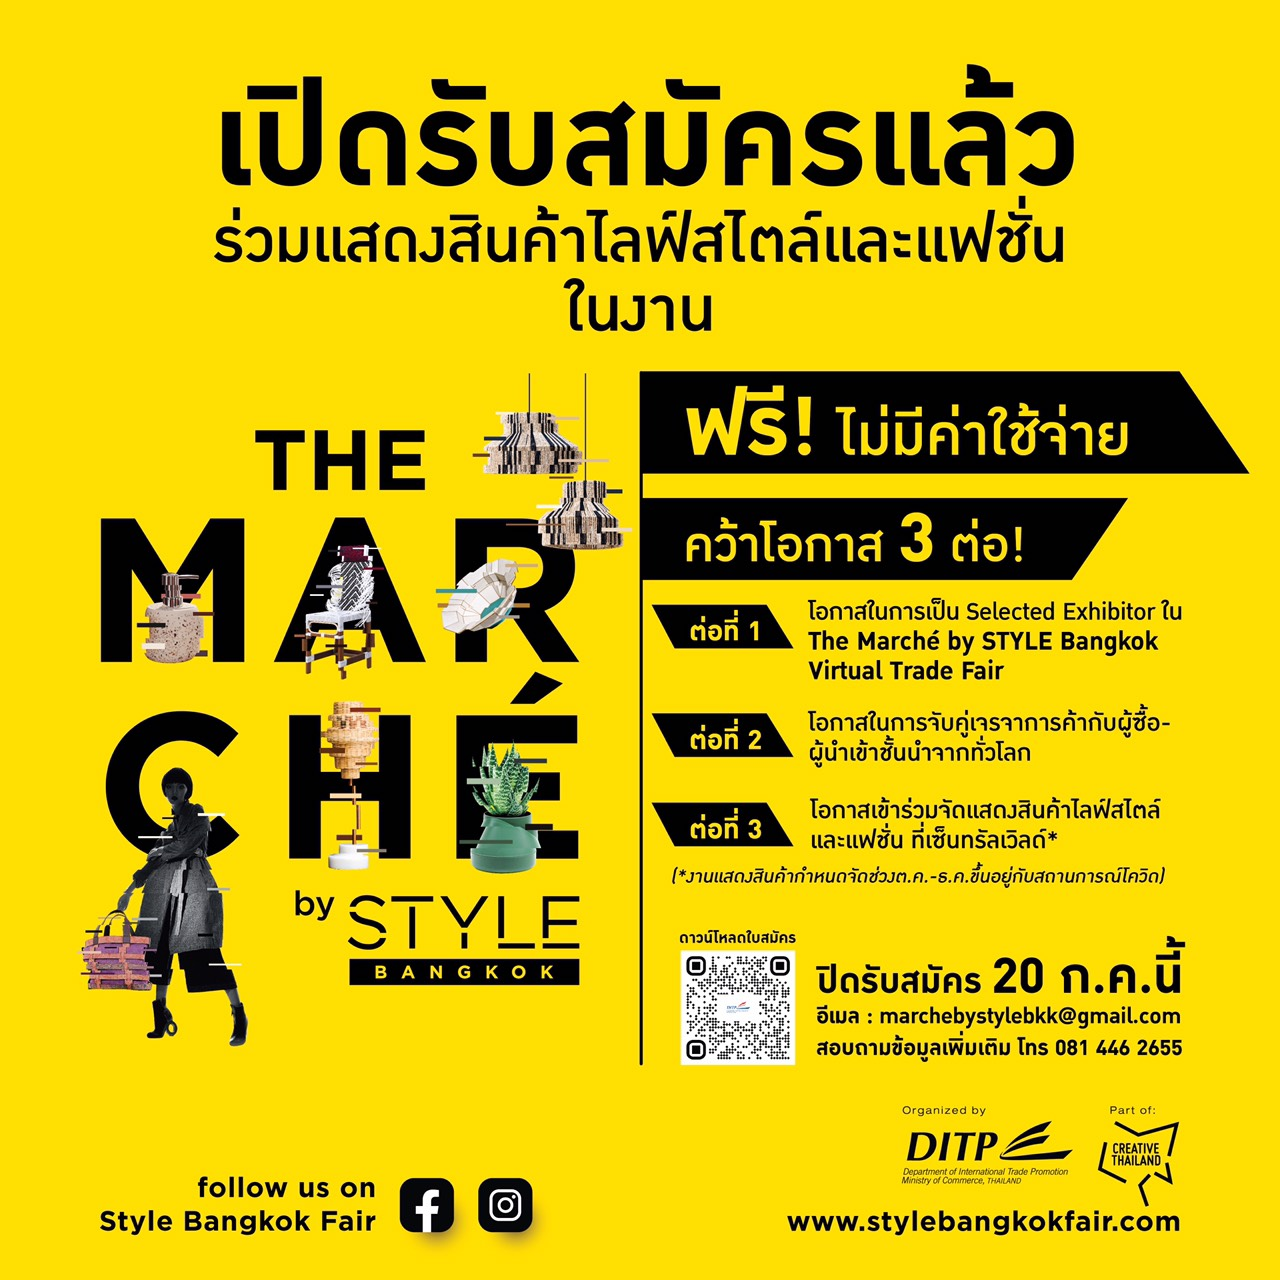 """DITP เปิดรับสมัครผู้ประกอบการไลฟ์สไตล์และแฟชั่น ร่วมงาน """"The Marché by STYLE Bangkok"""" เพิ่มช่องทางเจรจาซื้อขายออนไลน์กับบายเออร์ทั่วโลกในช่วงโควิด"""